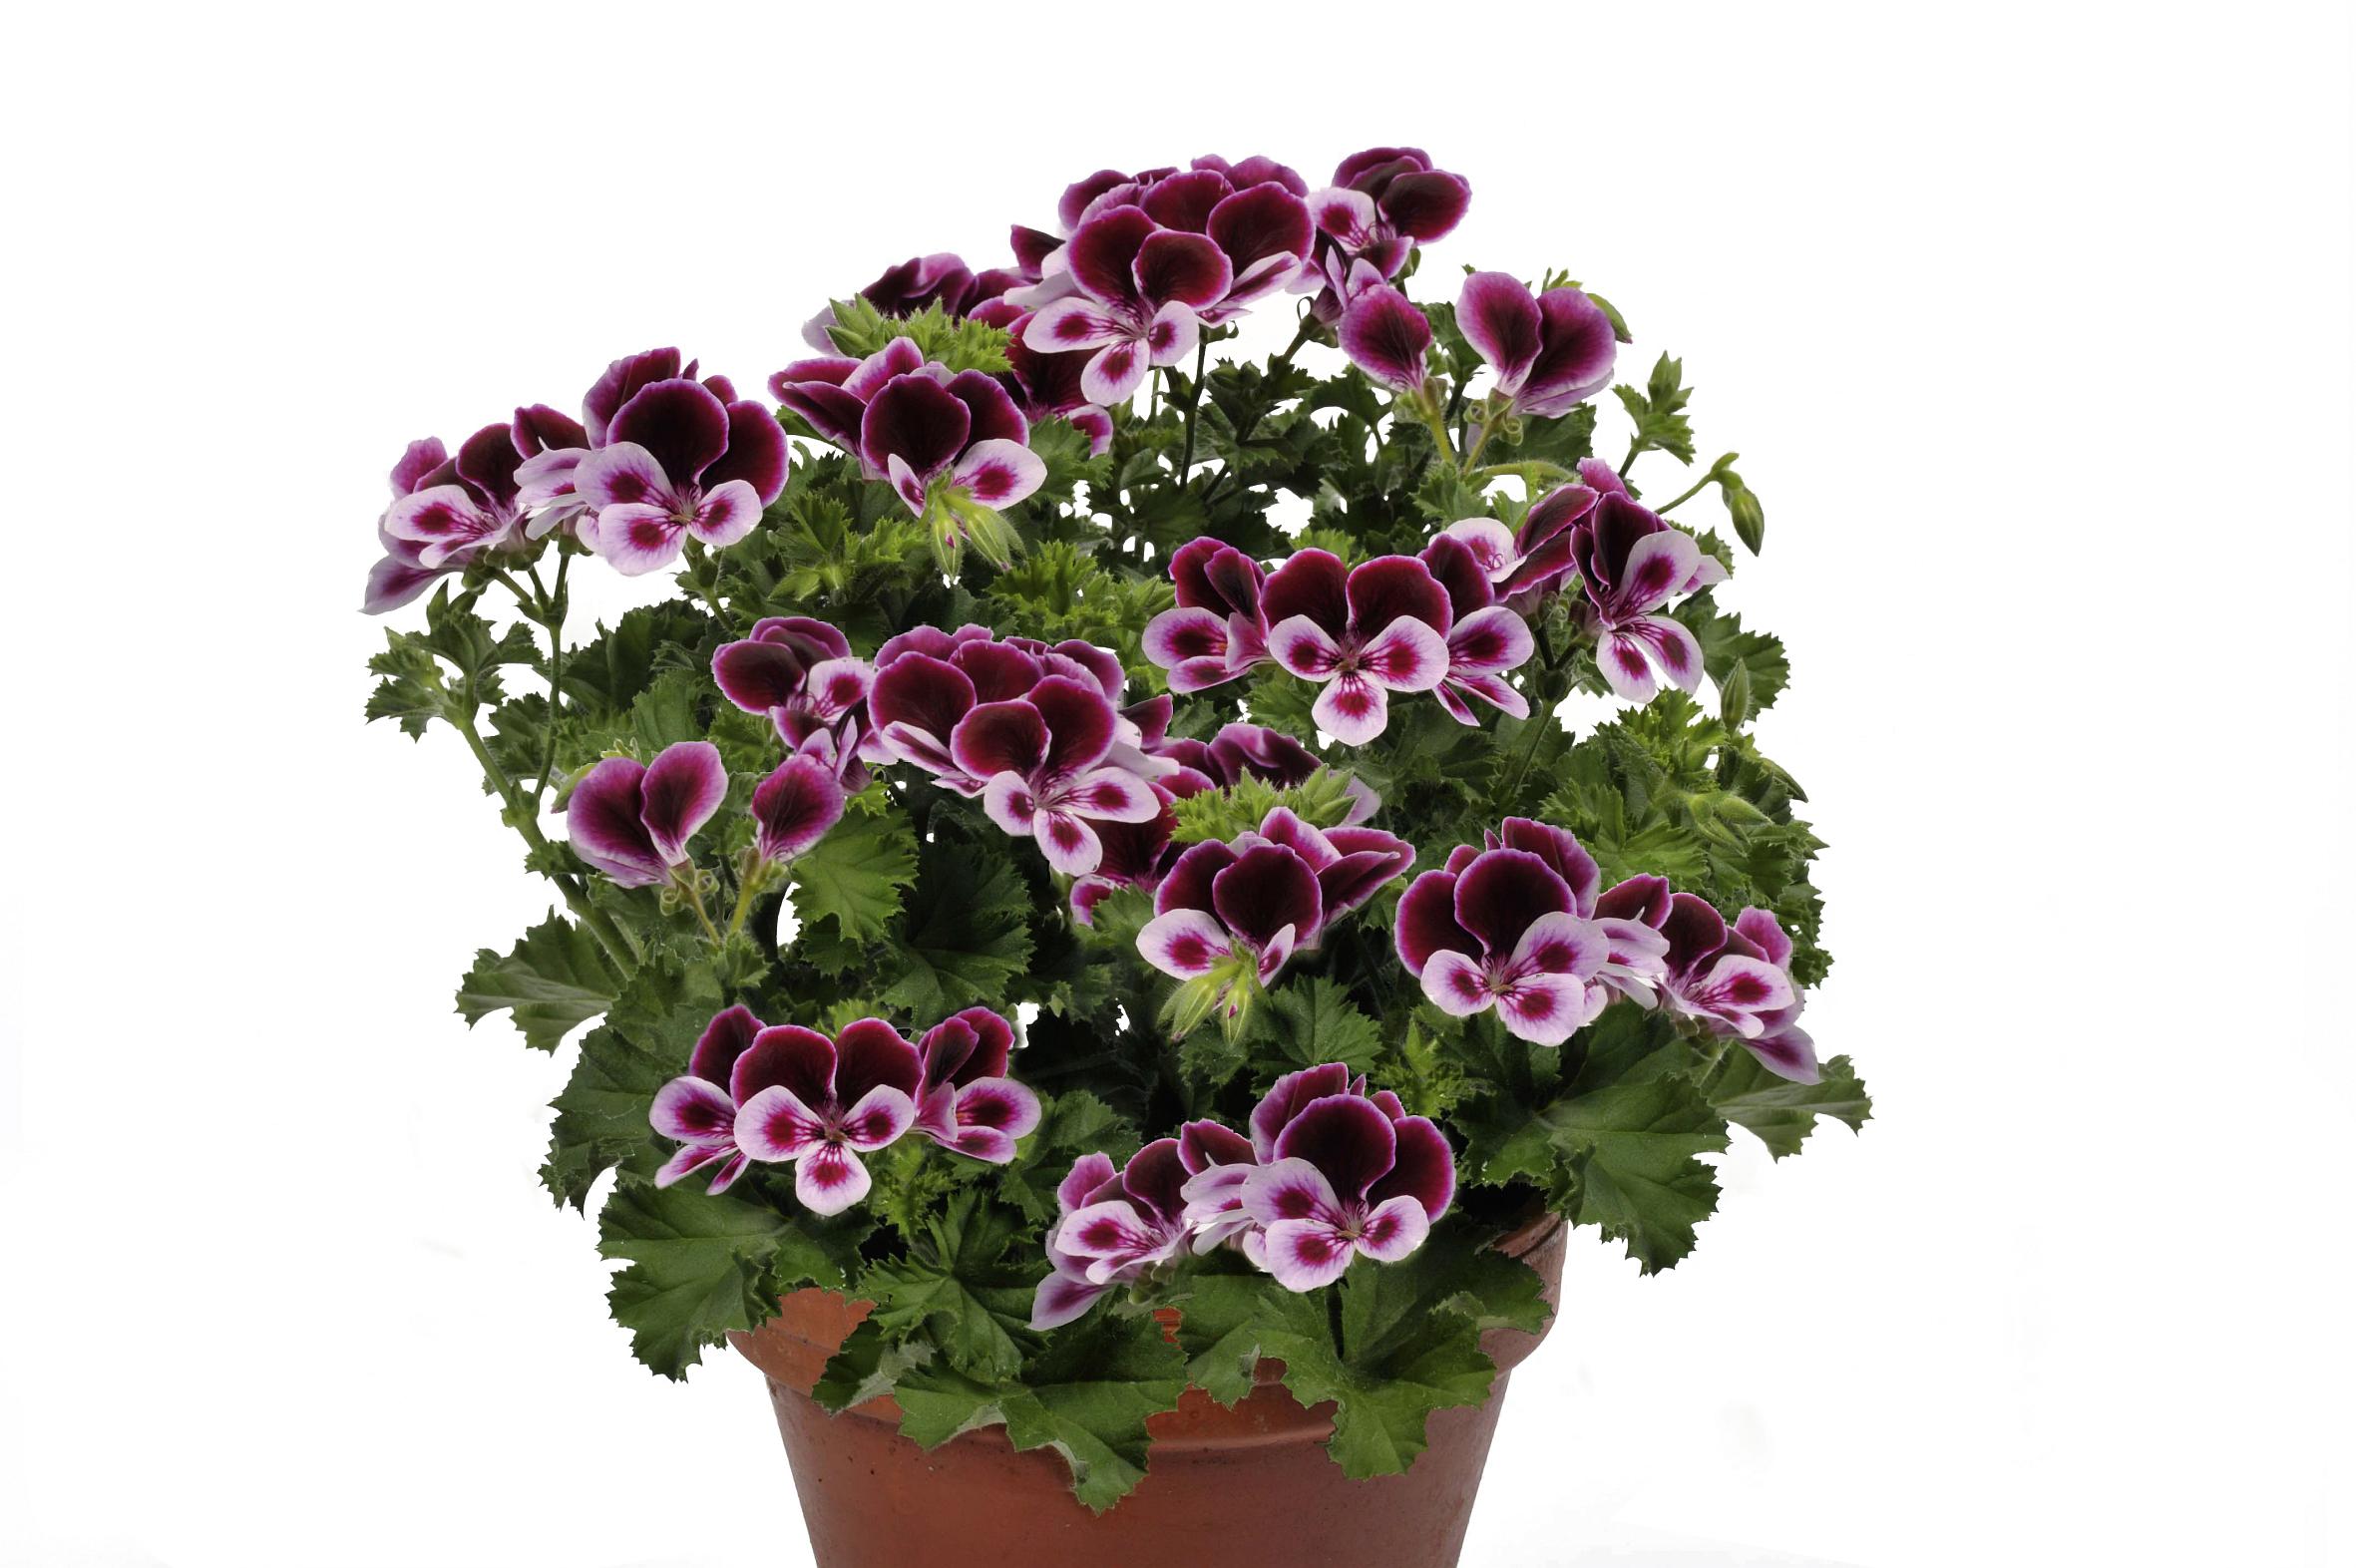 pflanze des jahres im norden gew hlt pelargonie lillibet erobert die herzen im sturm das. Black Bedroom Furniture Sets. Home Design Ideas